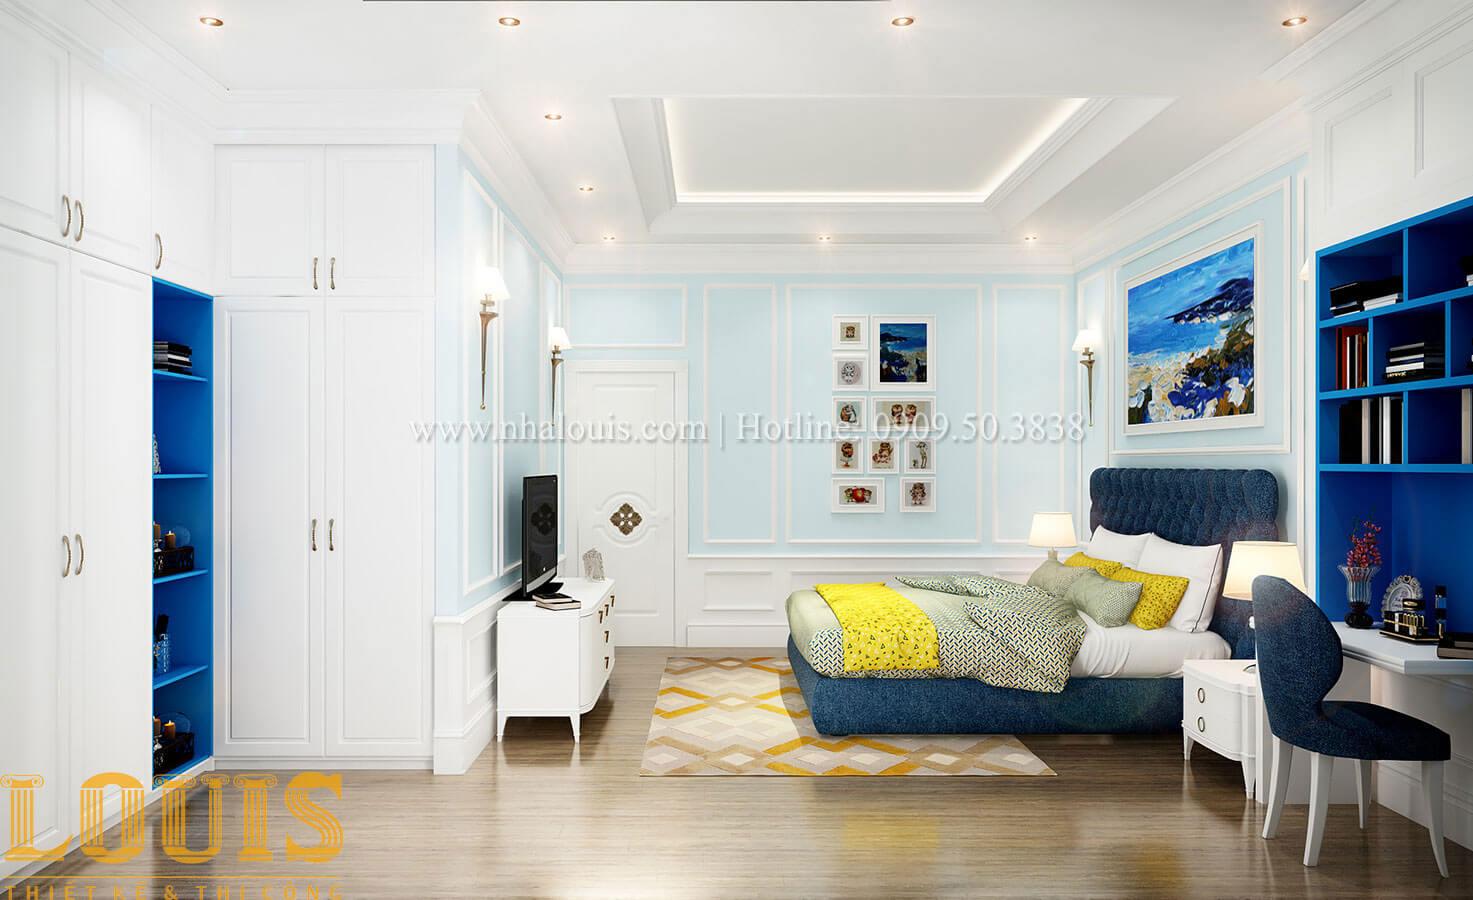 Phòng ngủ Thiết kế biệt thự 3 tầng đẹp có sân vườn ở miền quê Đồng Nai - 25